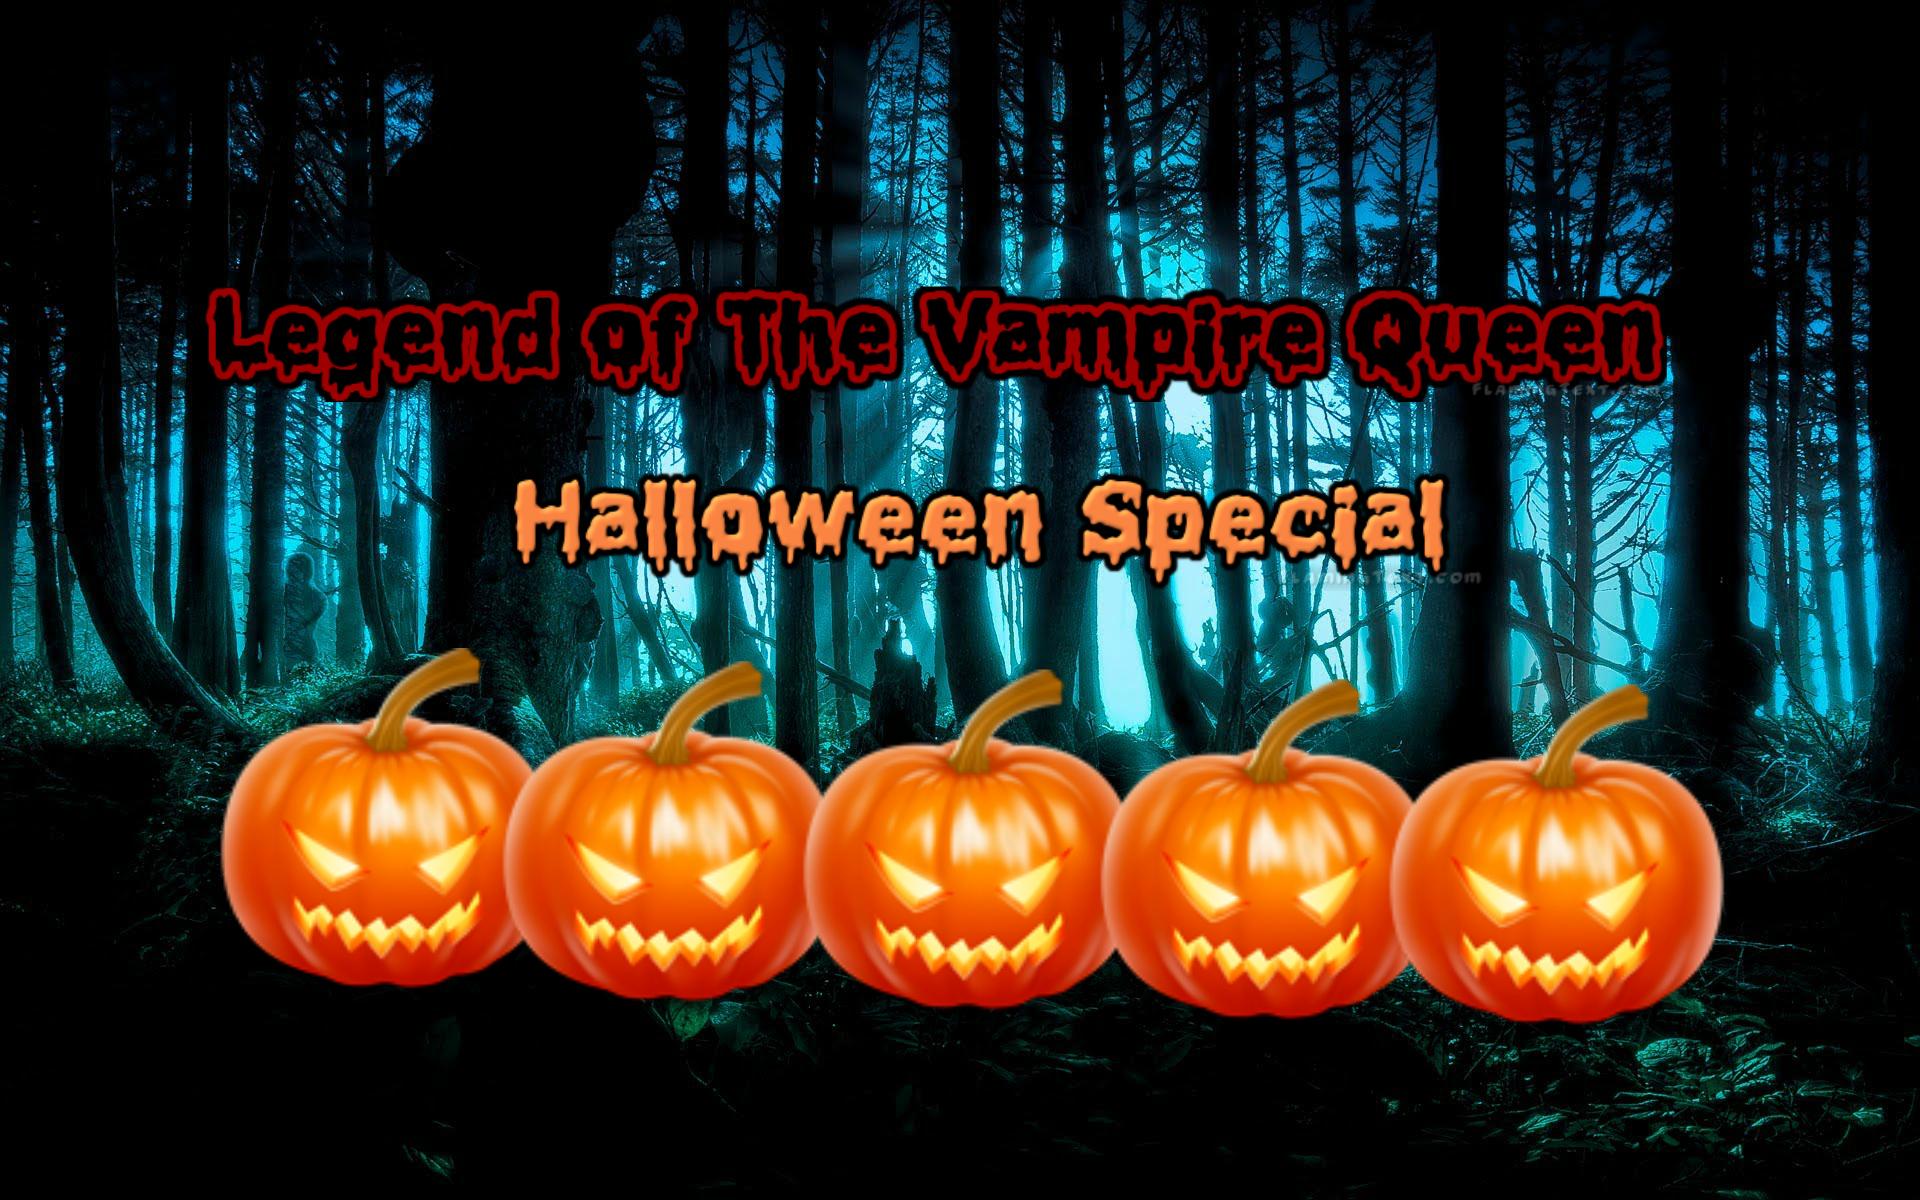 legend of halloween essay